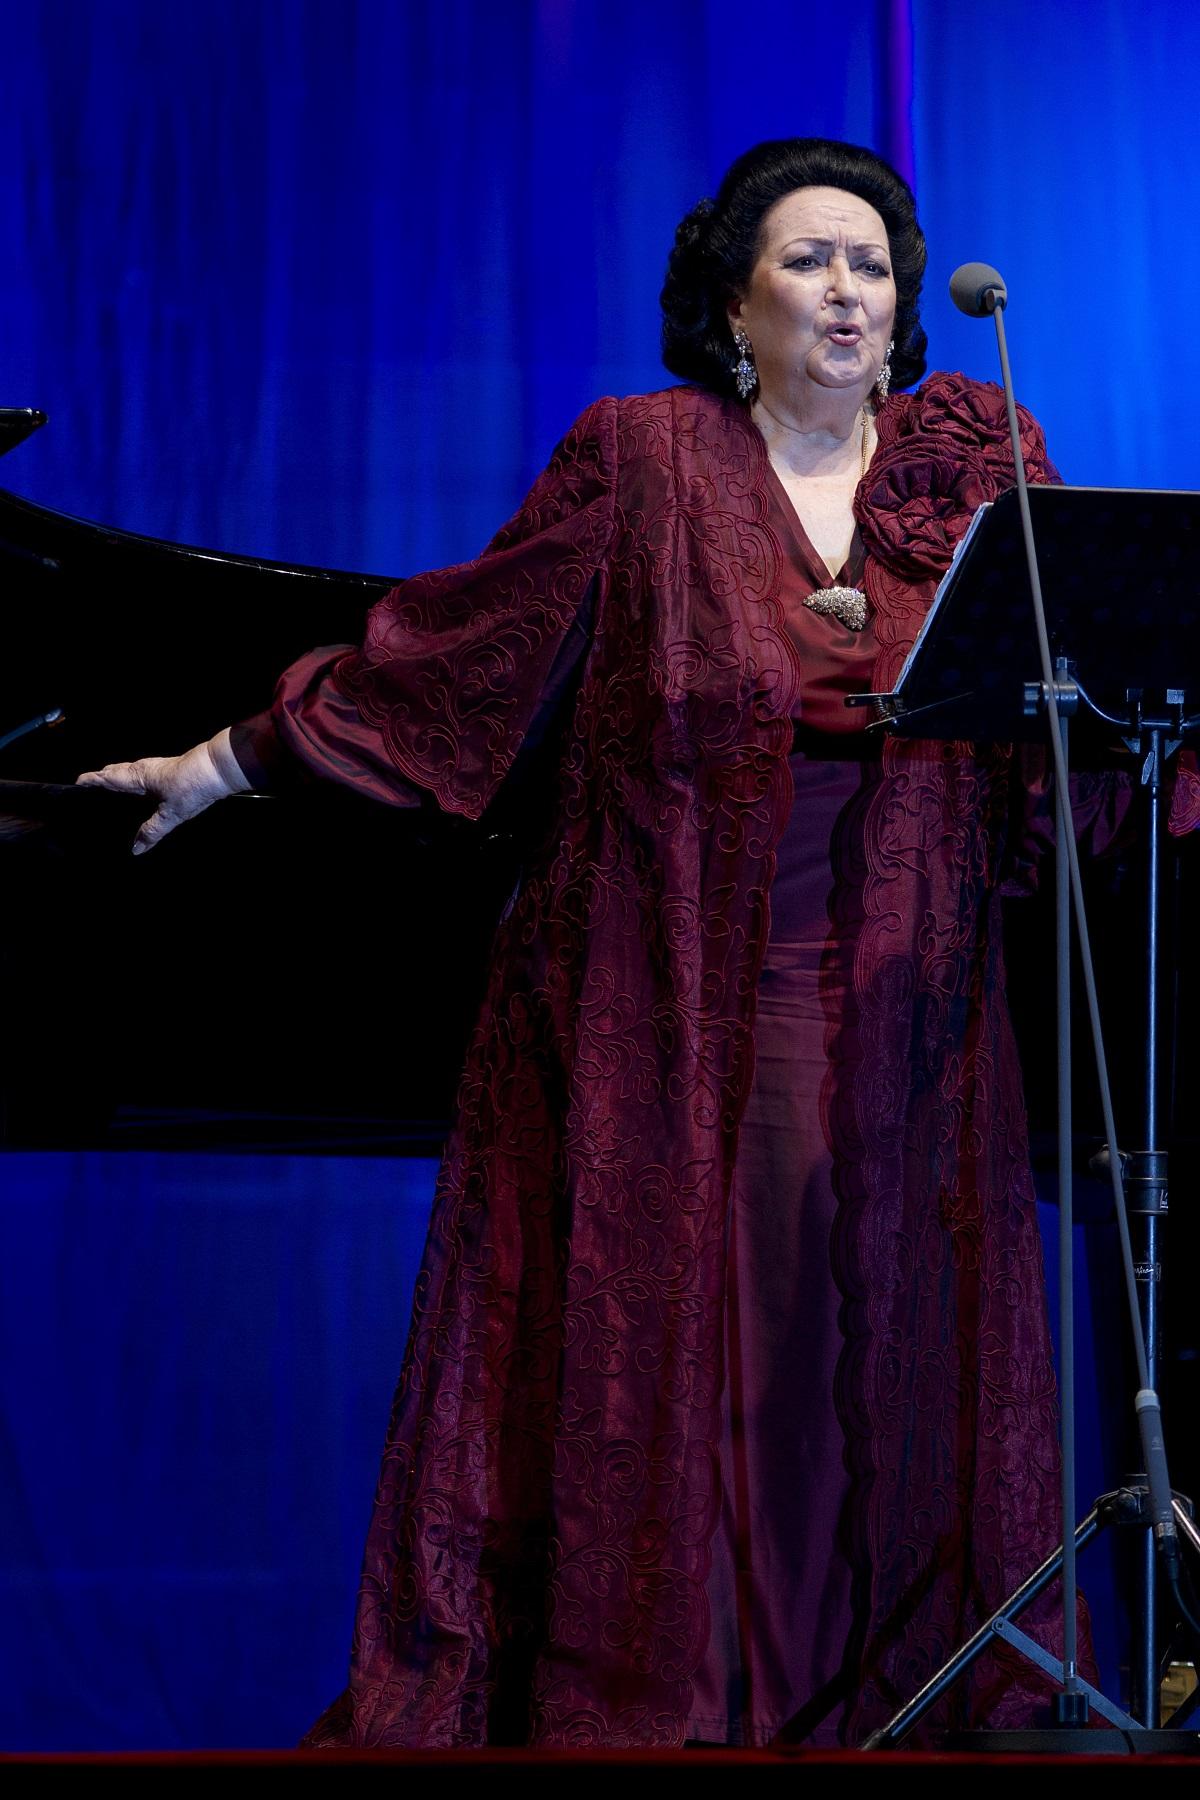 """Монсерат Кабайе (1933-2018). Звездната слава на Кабайе изгрява през 1965 г. с ролята на Лукреция Борджия в операта на Доницети в известния """"Карнеги хол"""" в Ню Йорк, след като излиза на сцената като заместничка на болна своя колежка. По време на 50-годишната си кариера тя е гастролирала в операта """"Метрополитън"""", в държавната опера на Виена и е пяла до известни тенори като Пласидо Доминго, Лучано Павароти, Алфредо Краус."""